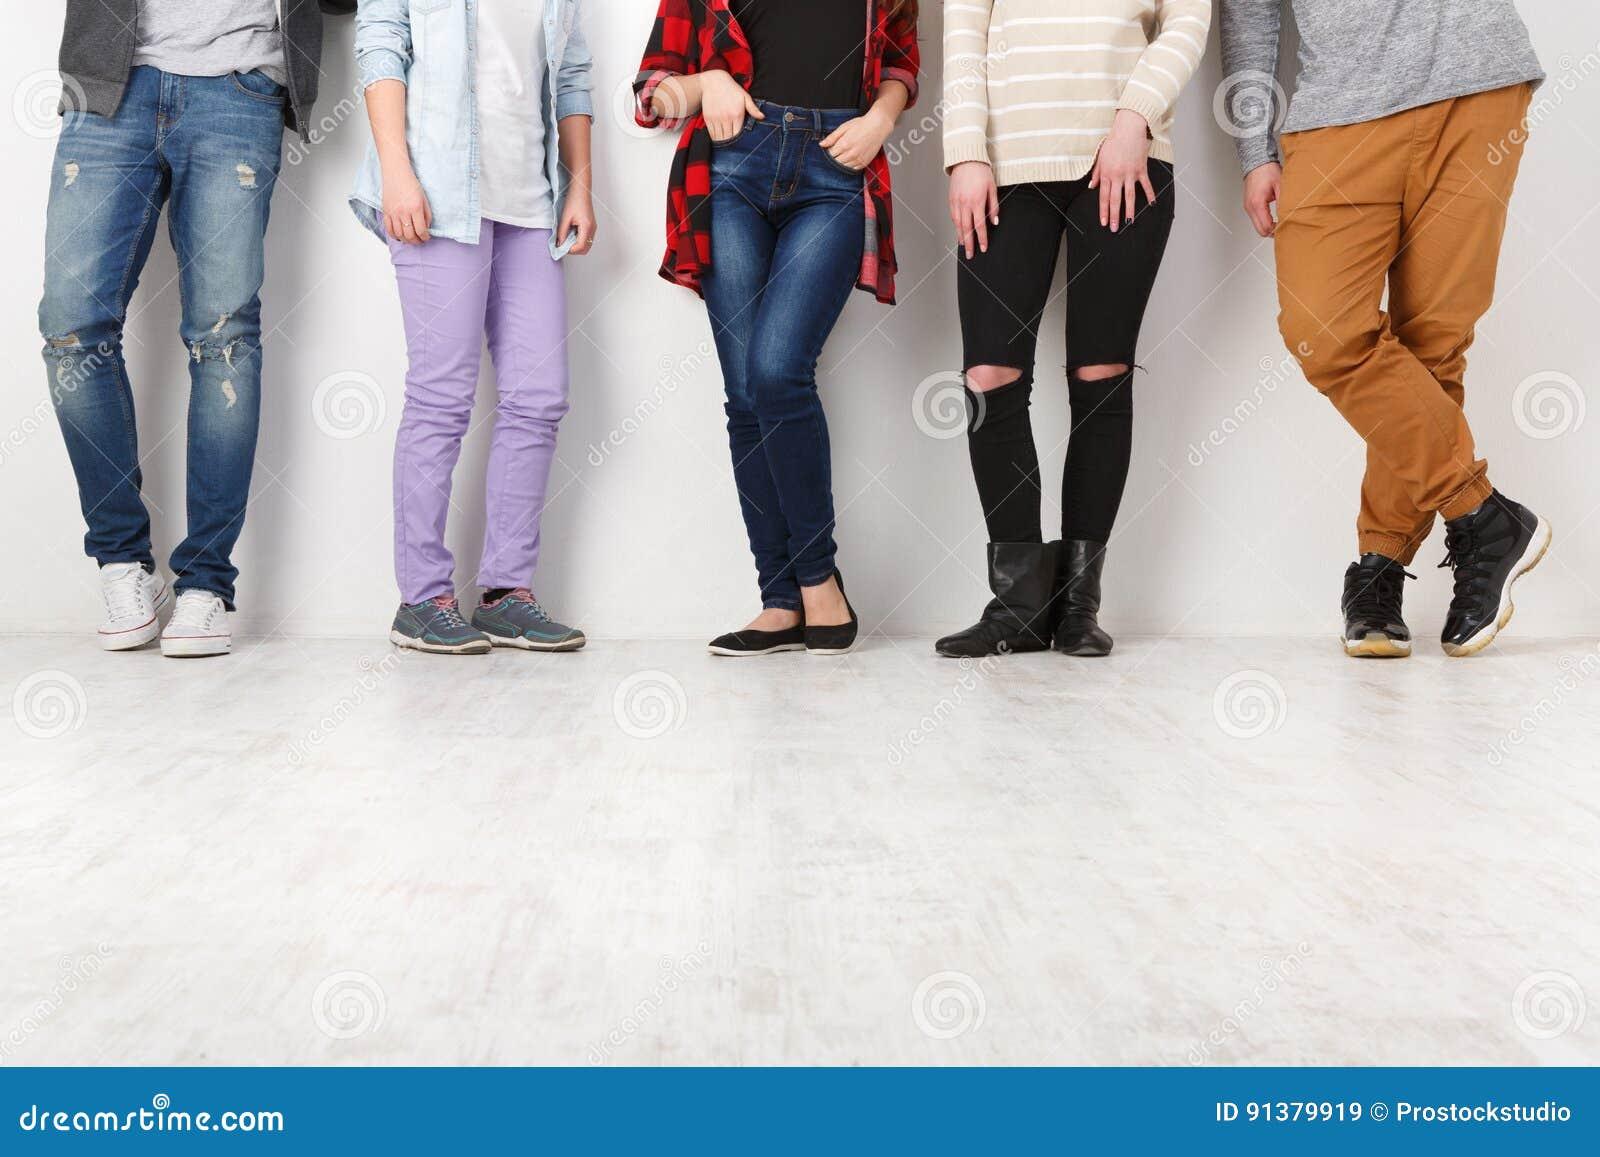 Διαφορετικοί περιστασιακοί άνθρωποι που στέκονται στη σειρά εσωτερική, συγκομιδή